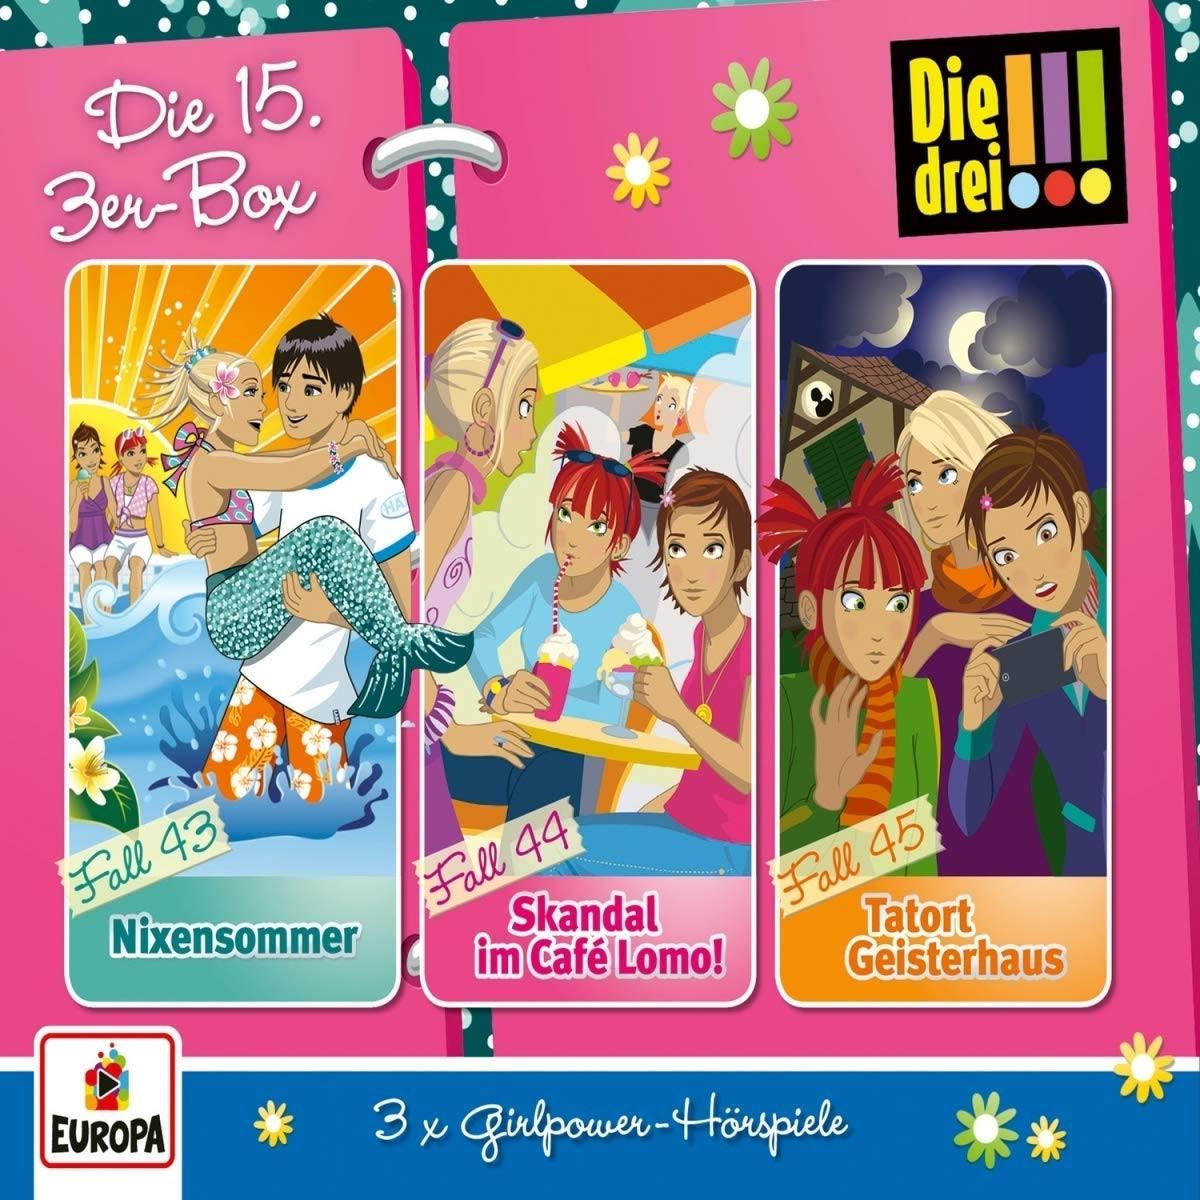 Die drei Ausrufezeichen - Die 15. 3er-Box (Folgen 43, 44, 45)